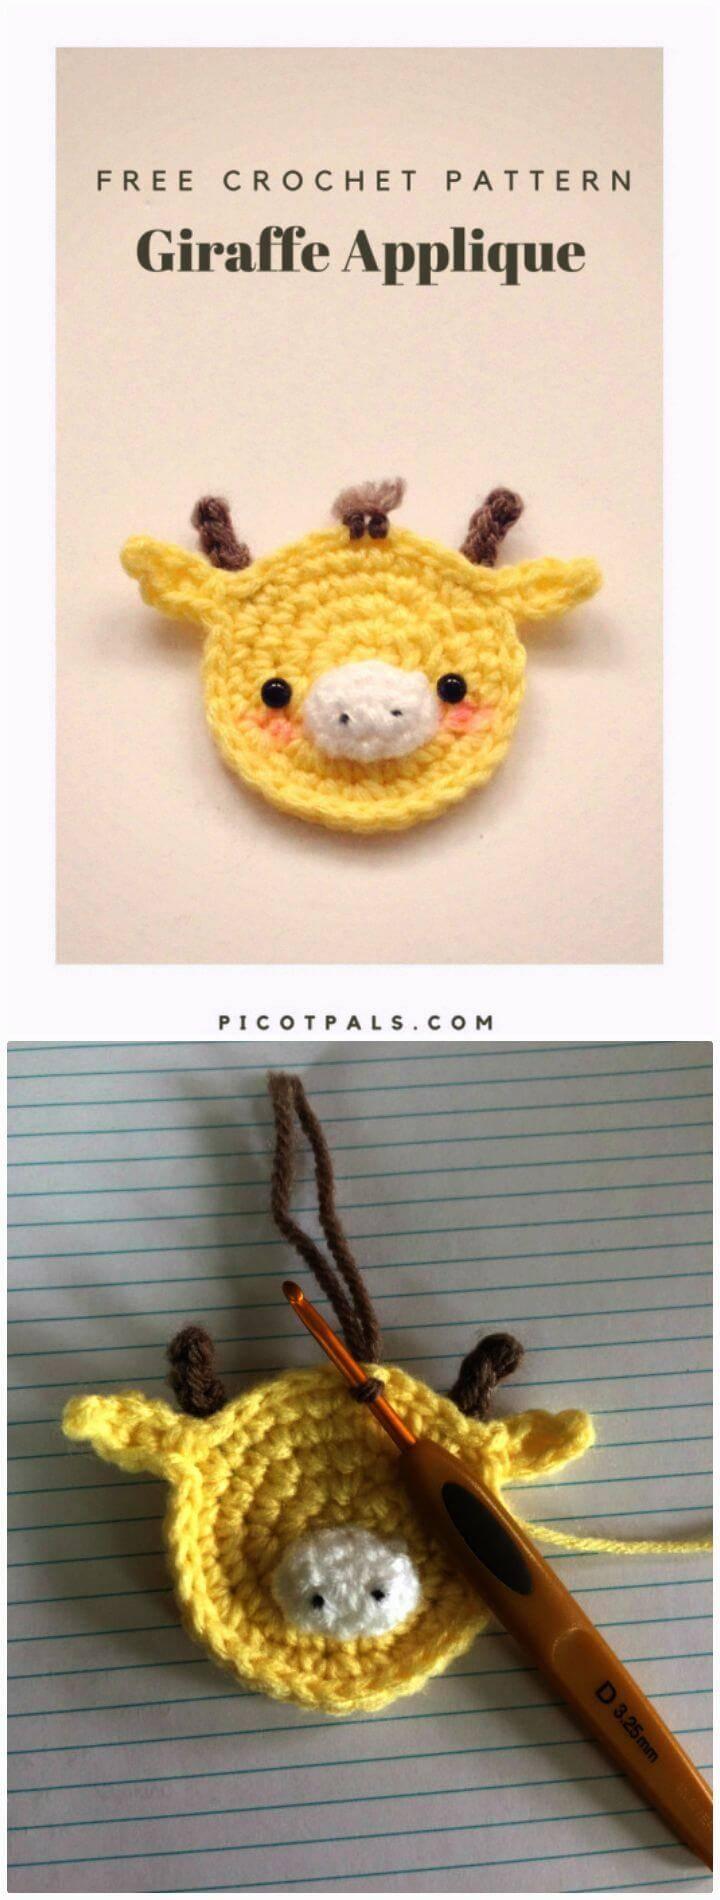 Free Giraffe Applique Crochet Pattern